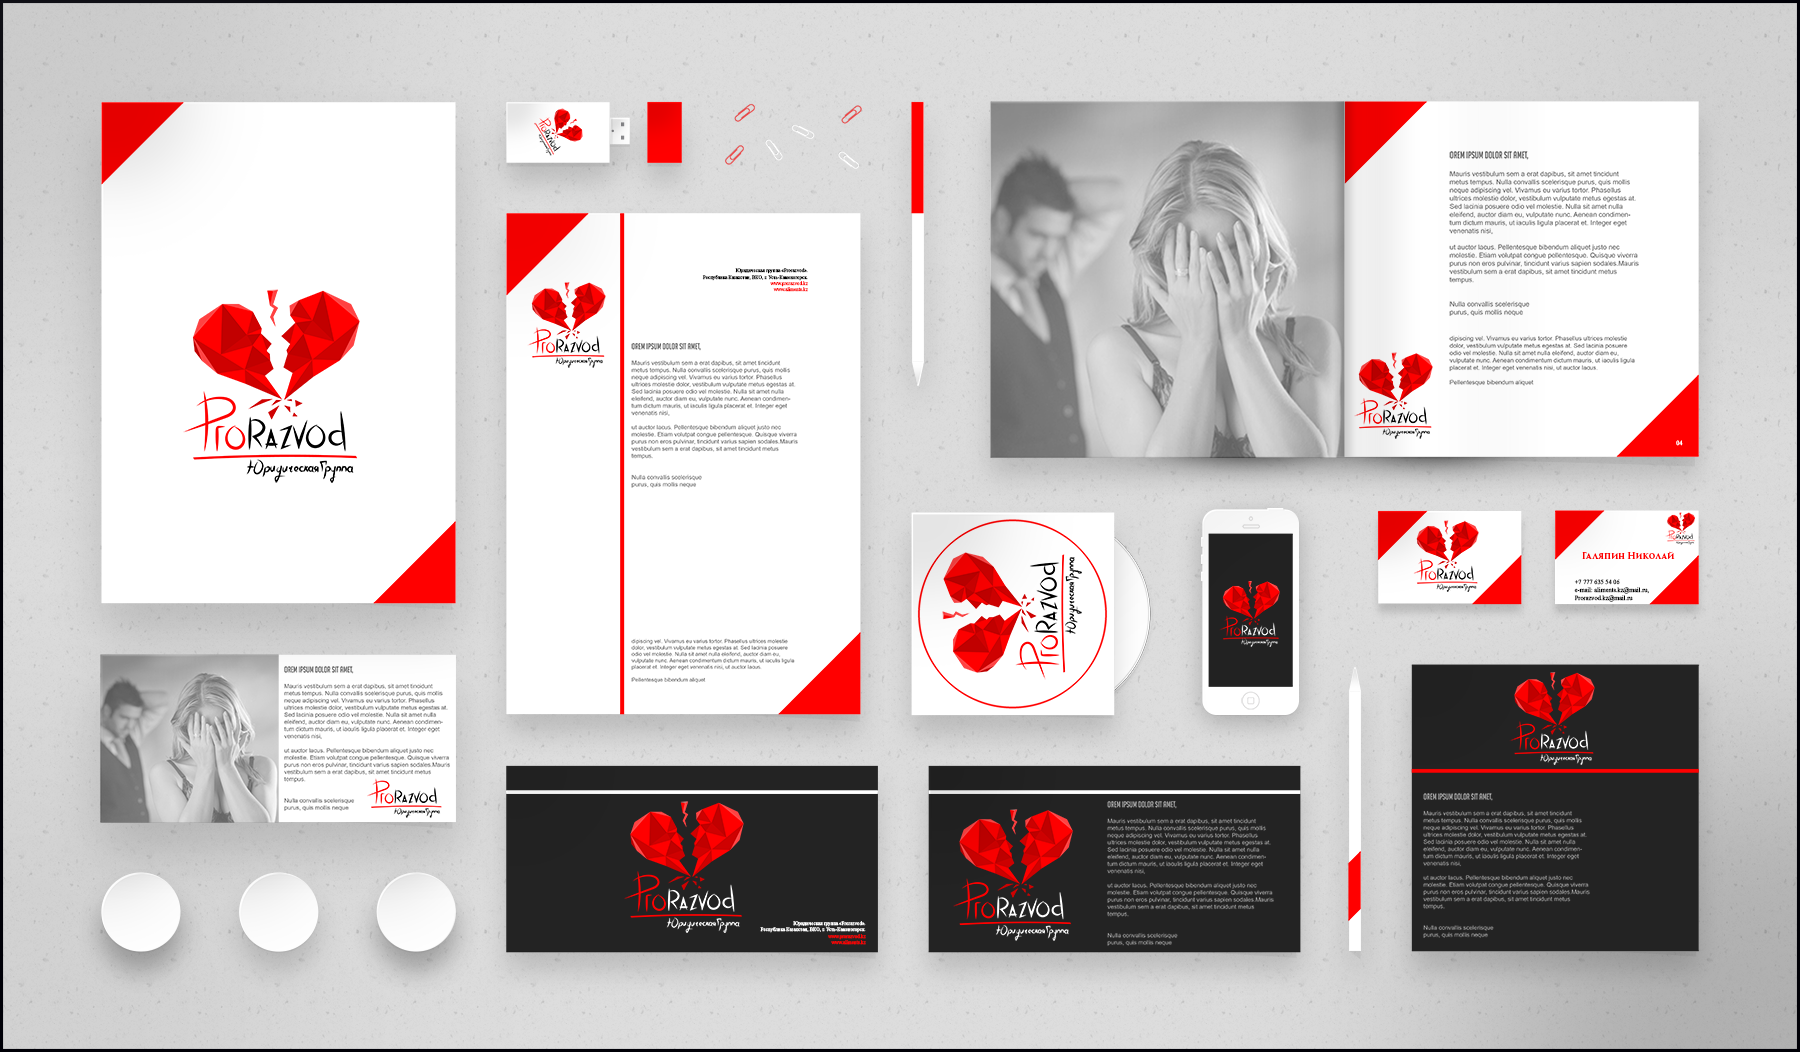 Логотип и фирм стиль для бракоразводного агенства. фото f_867587713a8501e4.png